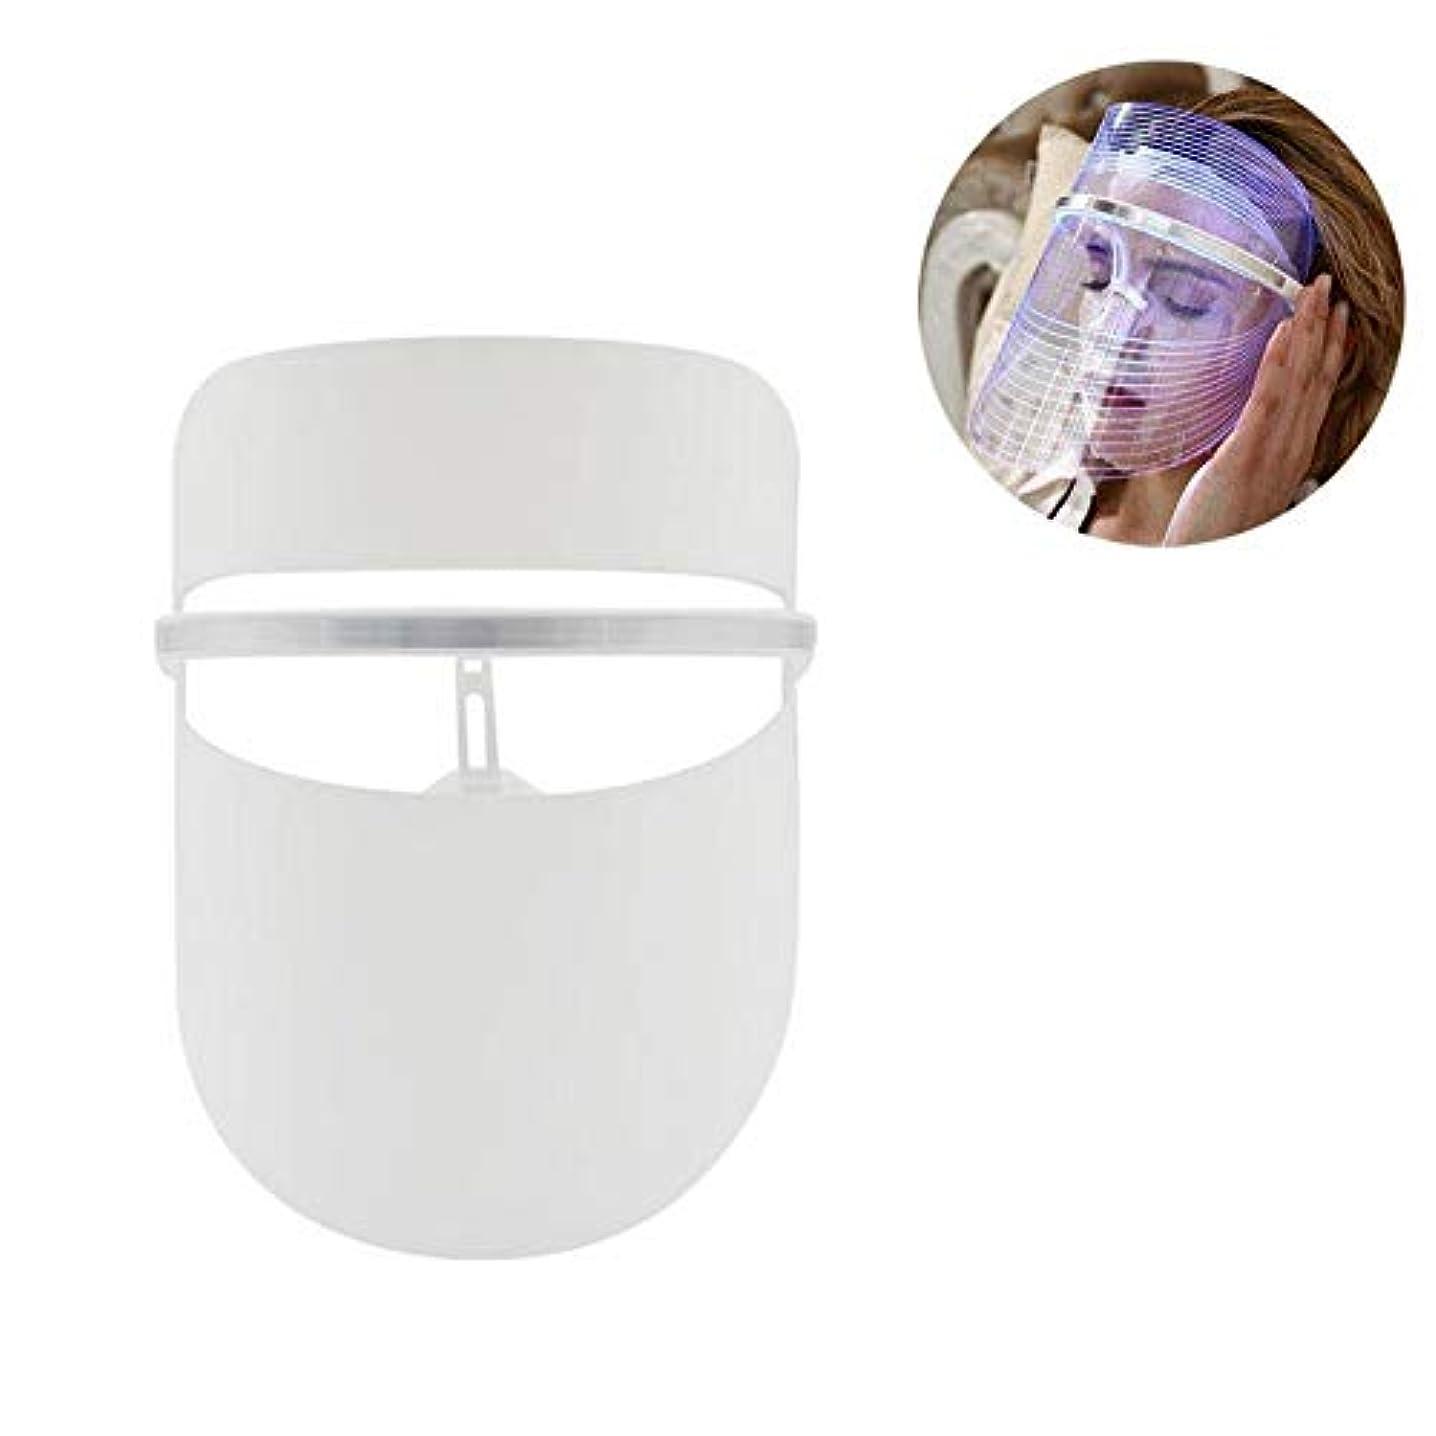 リフト誤解する醜い3色LEDライトフェイスマスクしわ除去フェイシャルライトセラピーアンチエイジングシワフェイシャルスキンケアマスク